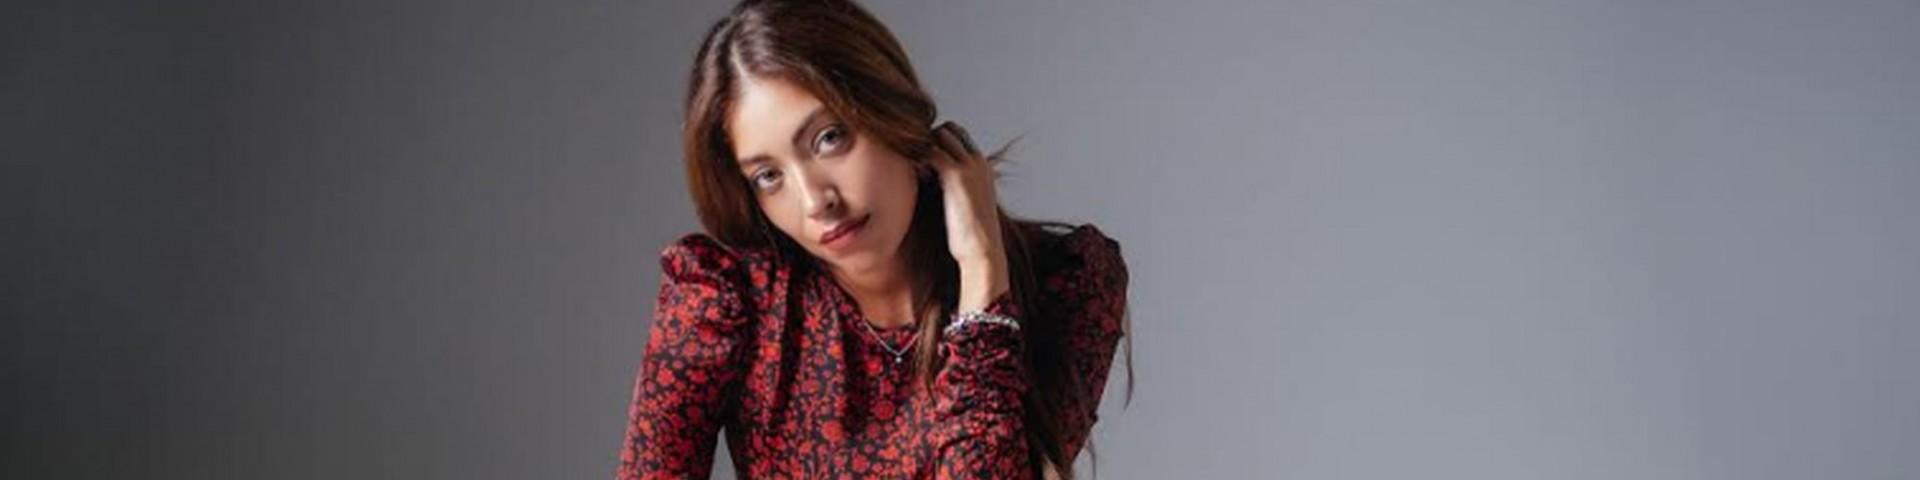 """Valentina Parisse a All Together Now: """"Spero che il Governo aiuti l'arte nel nostro Paese"""""""